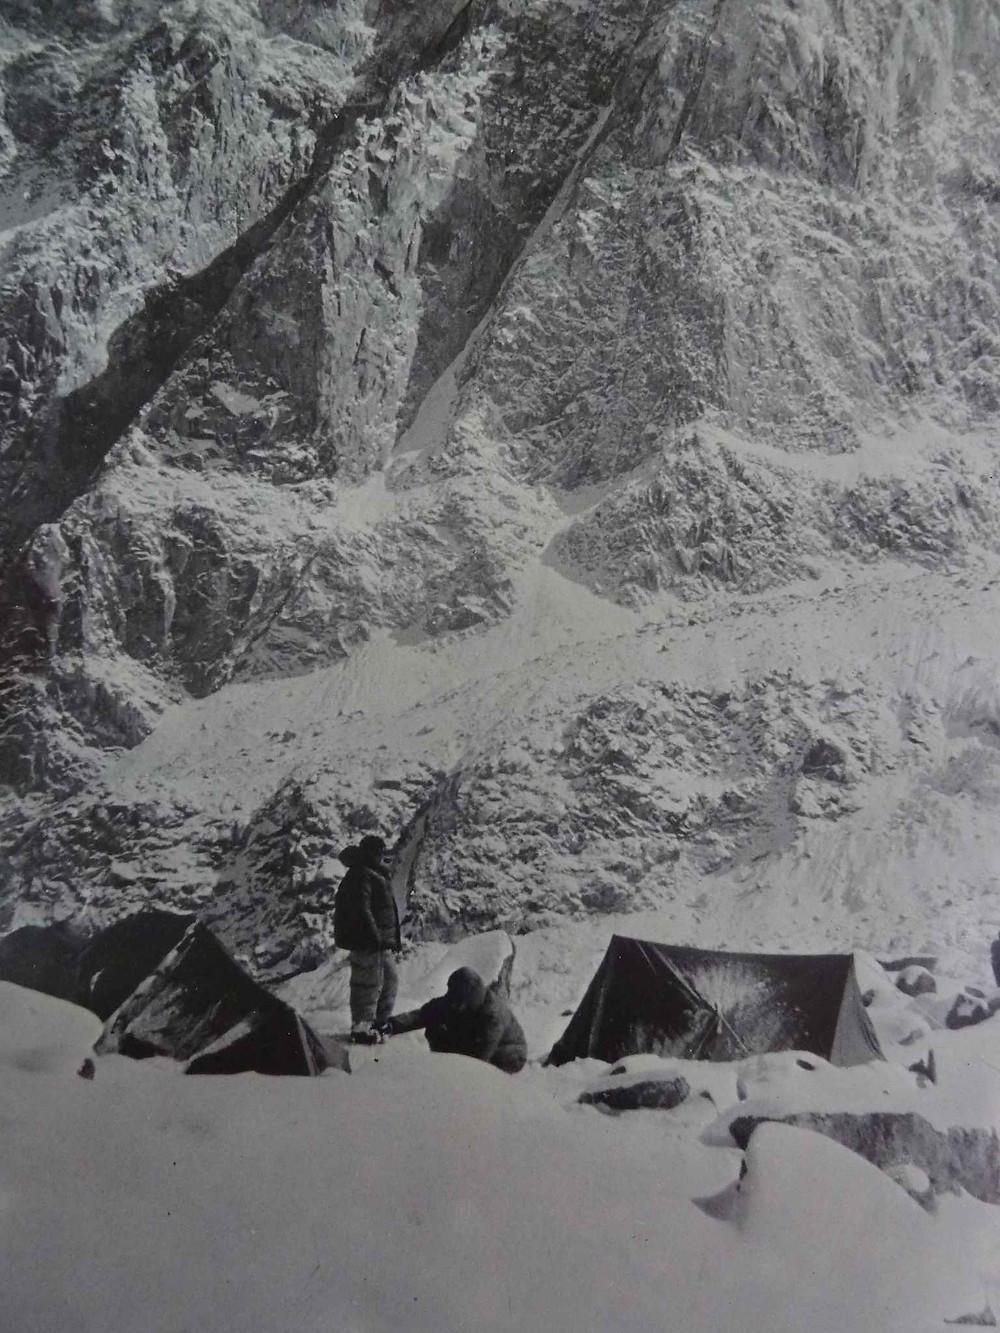 Camp de base sur un sommet du Wakhan, Afghanistan